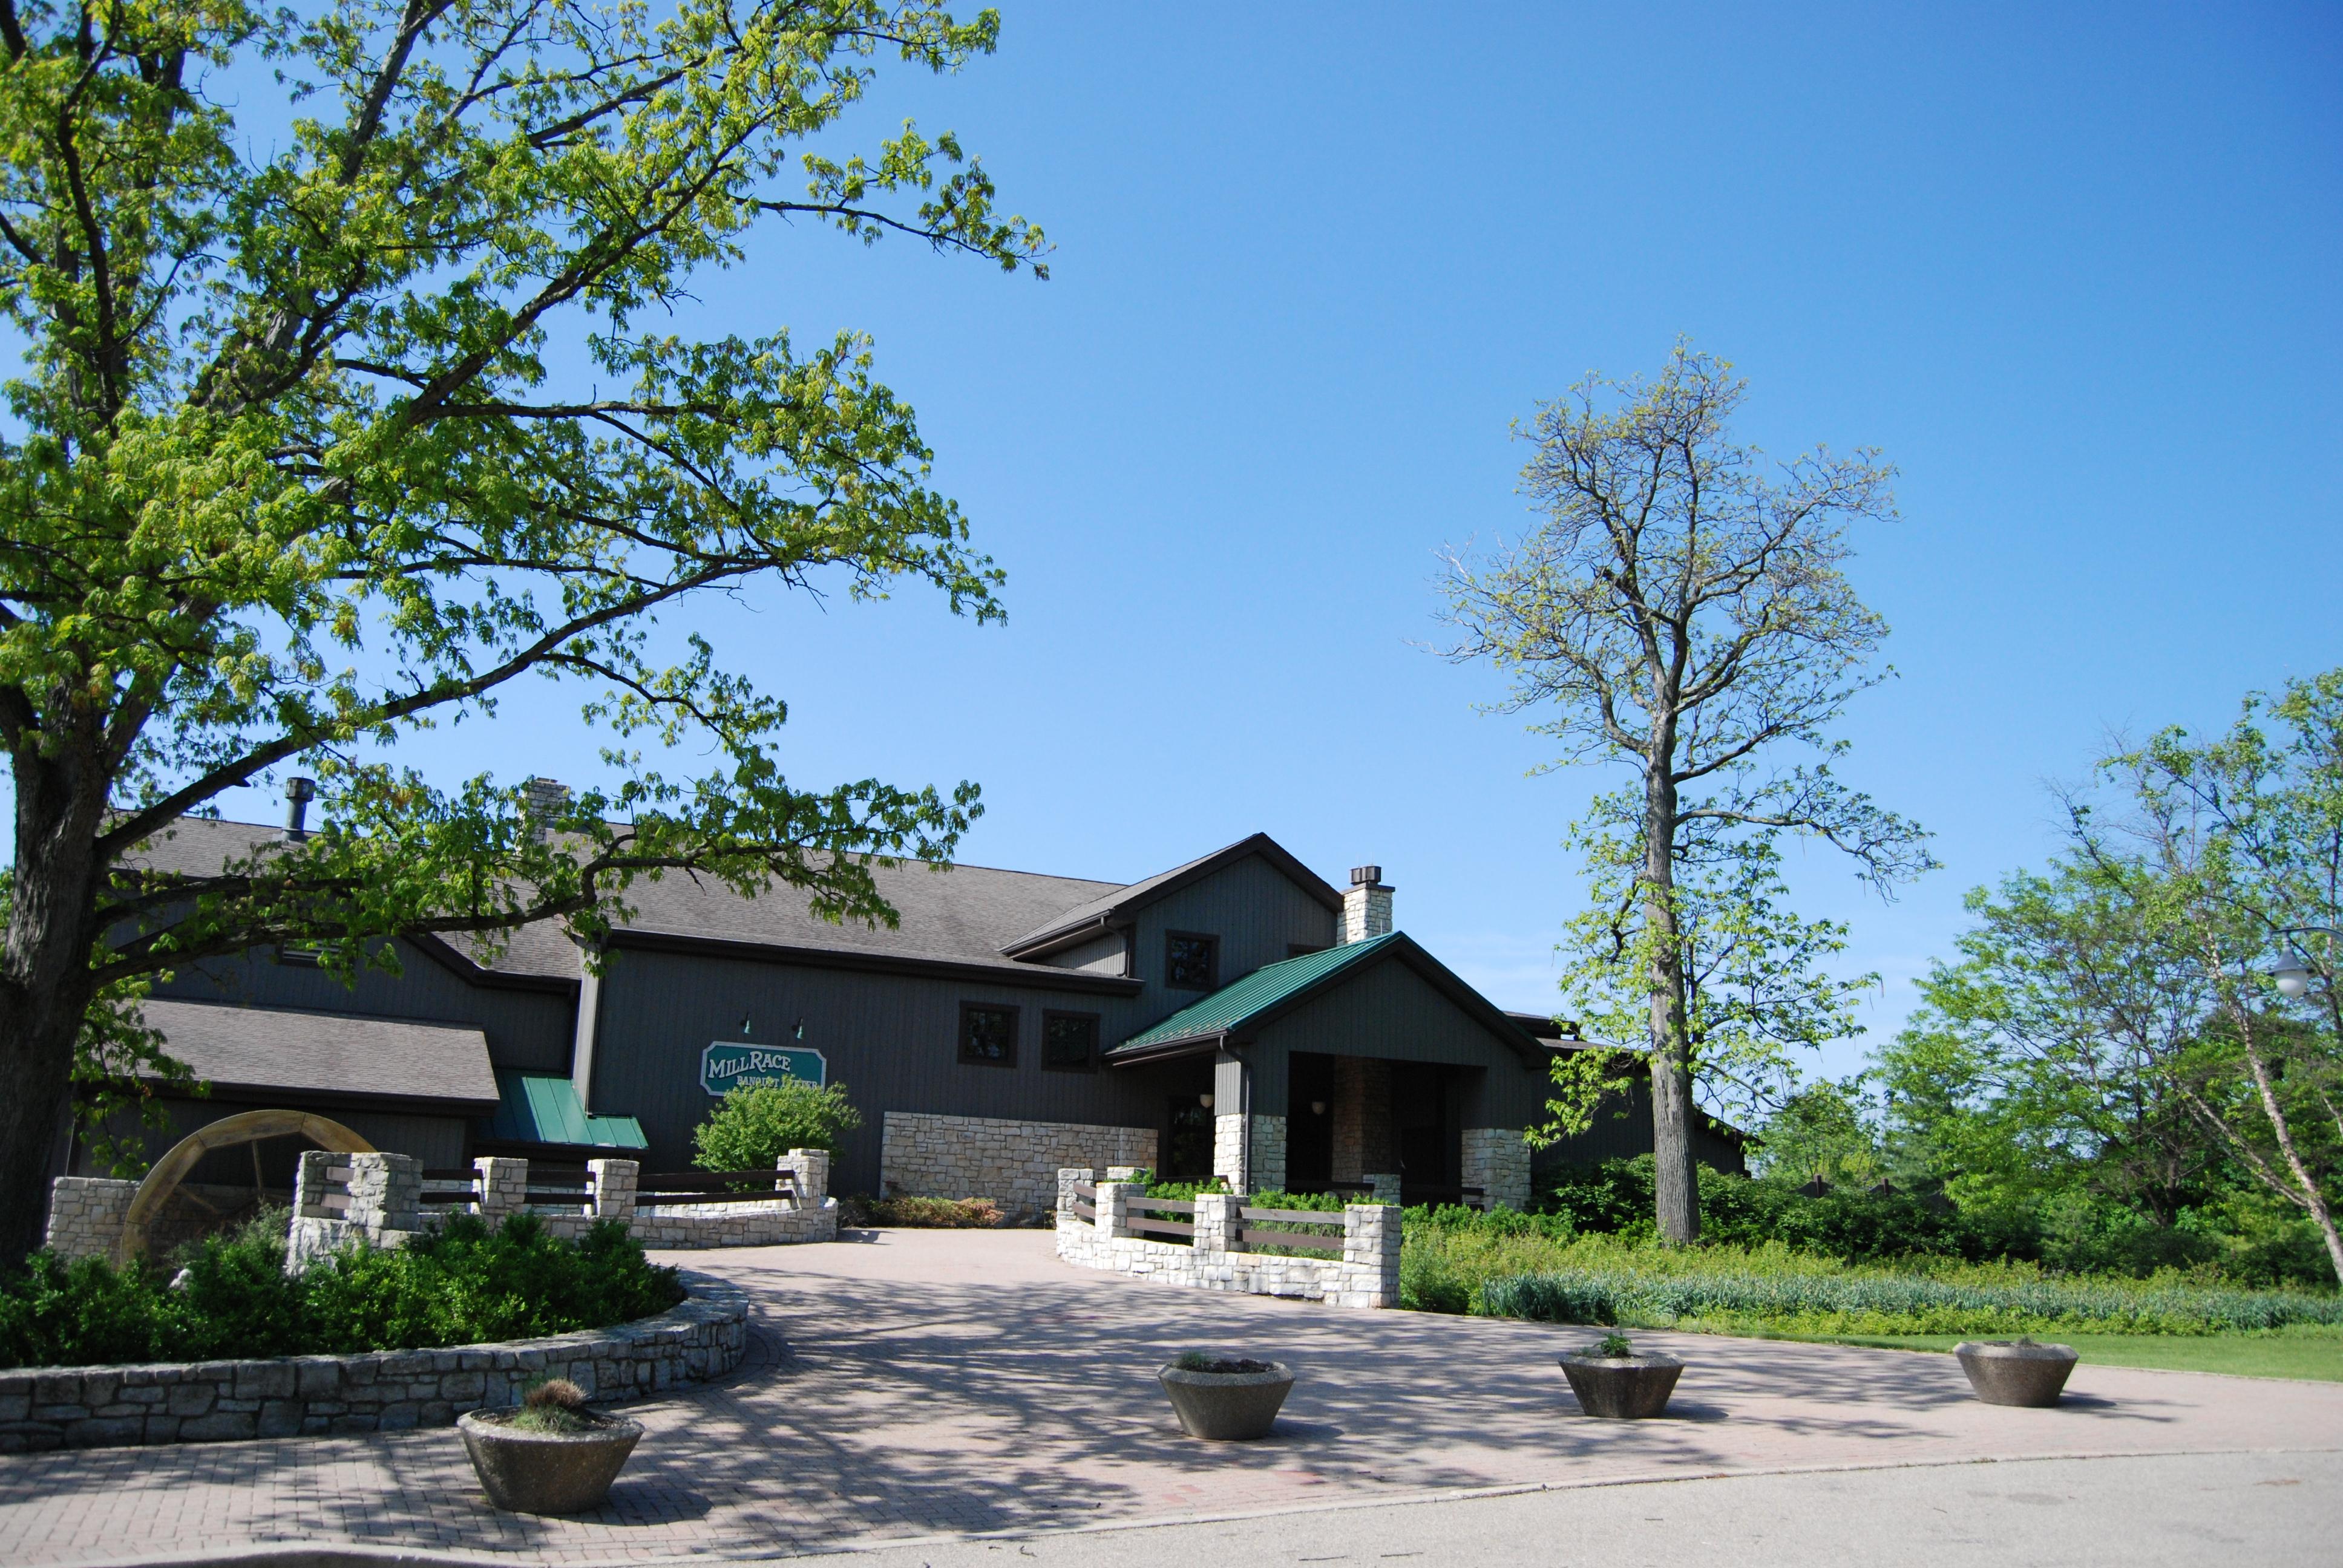 Mill Race Banquet Center